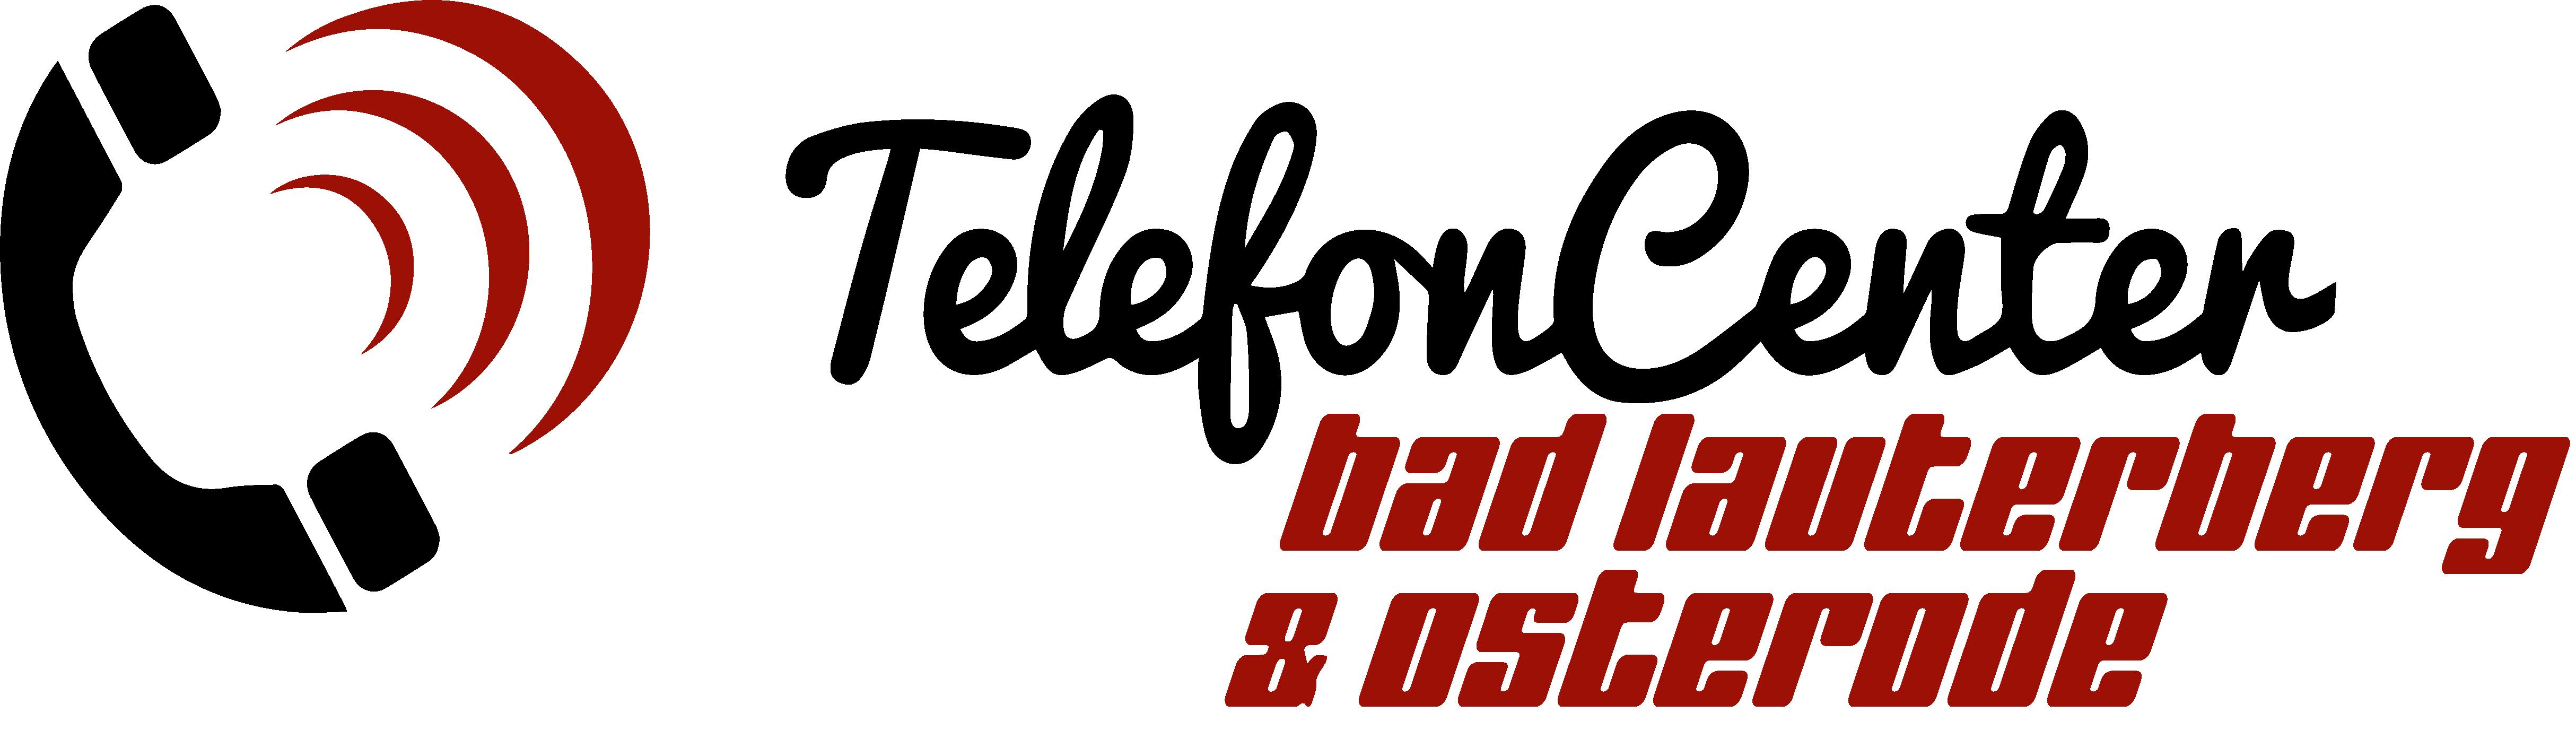 TelefonCenter Osterode